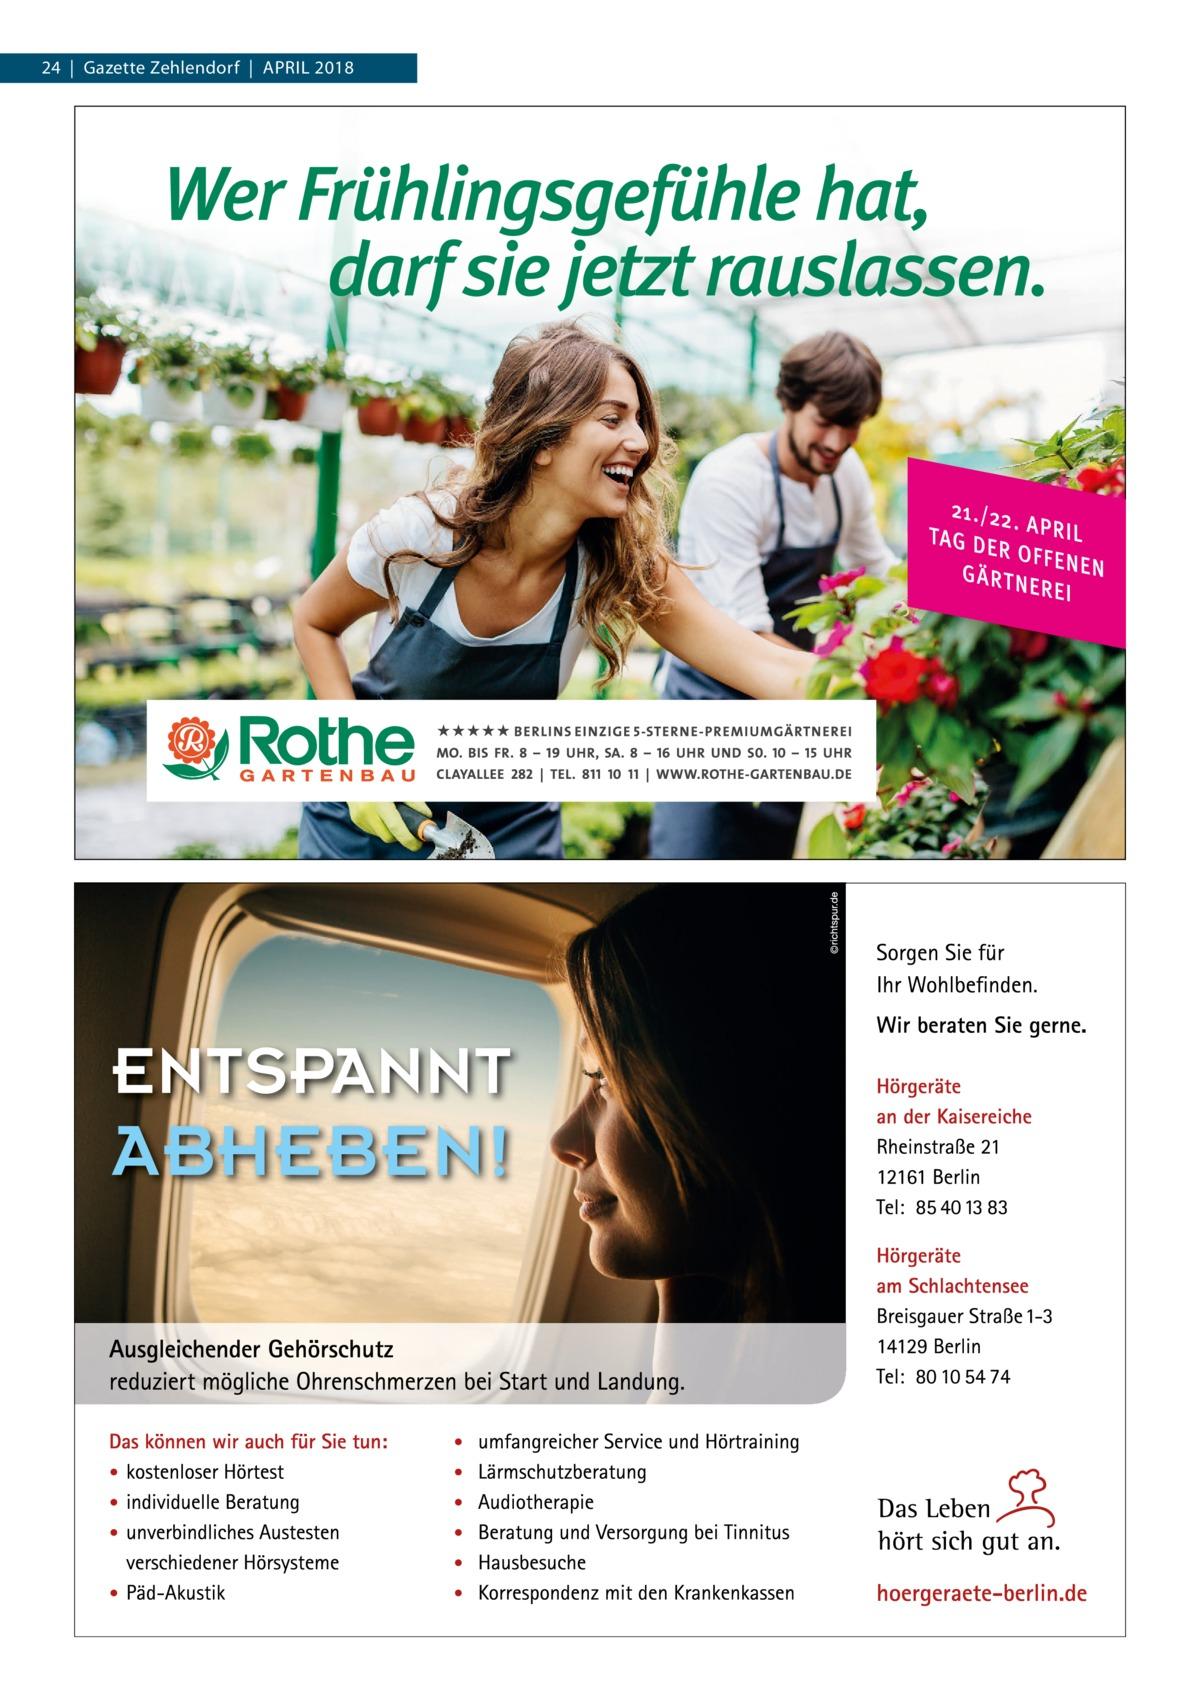 24 Gazette Zehlendorf April 2018